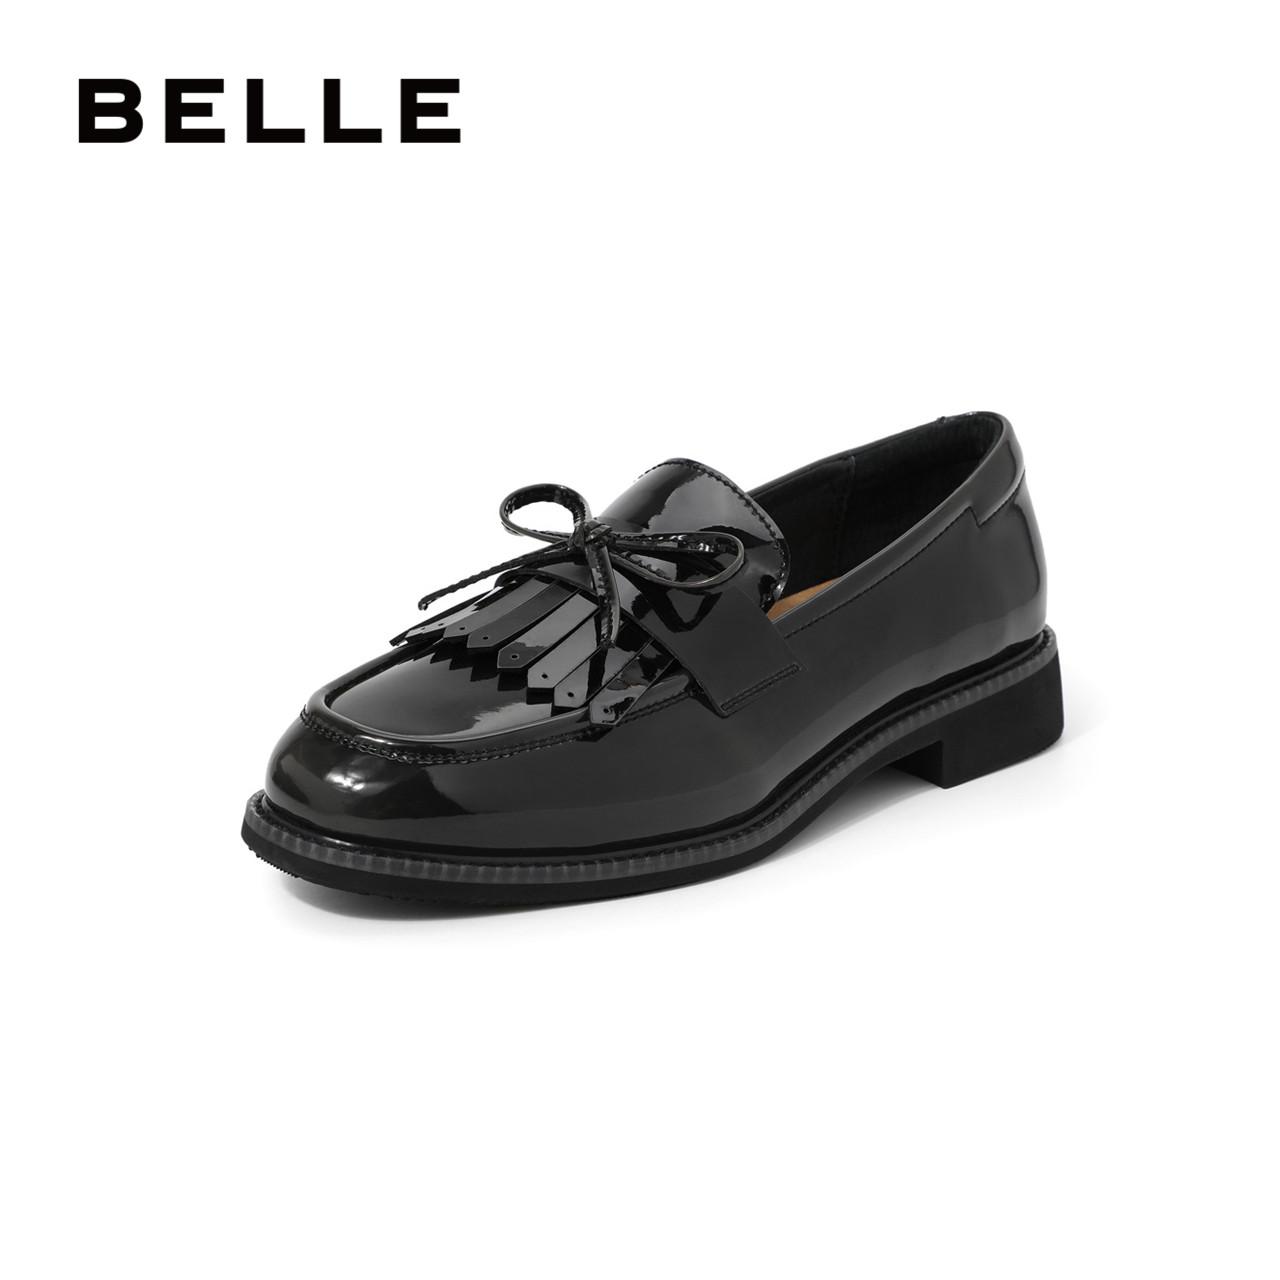 百丽英伦风商场新款流苏漆皮68011小皮鞋